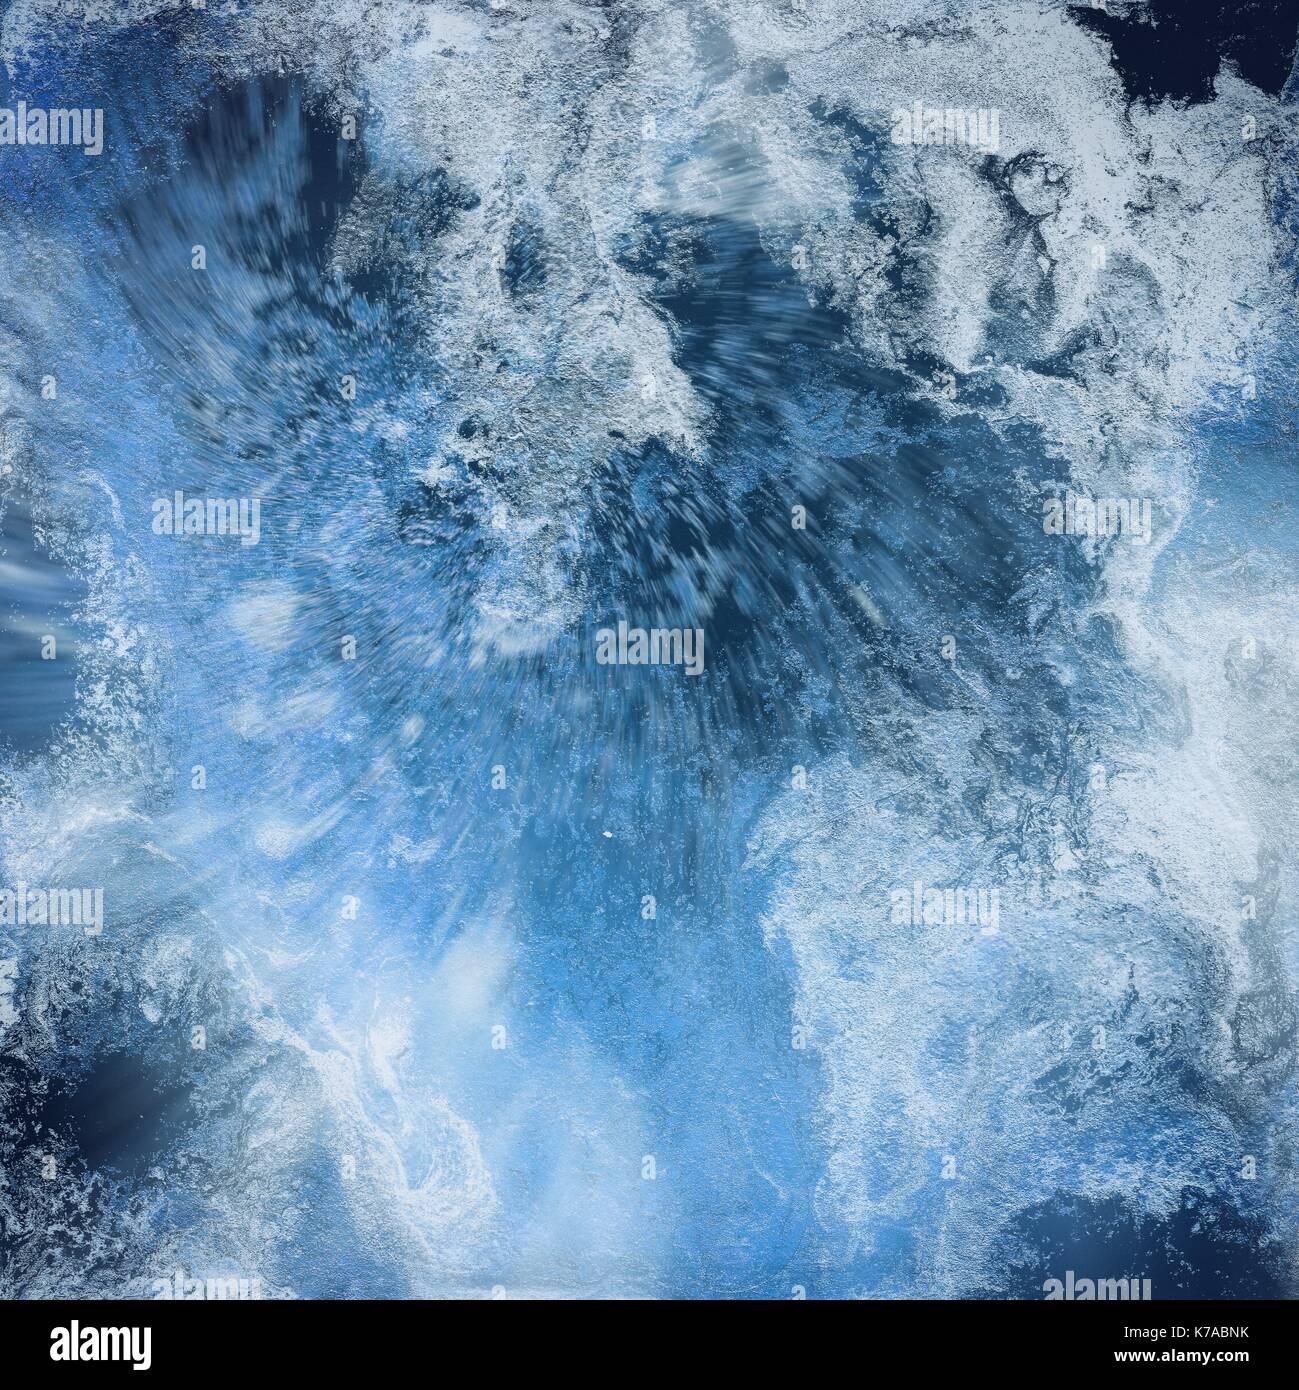 Liquido Astratto Sfondo Blu Pattern Con Abstract Congelato E Onde